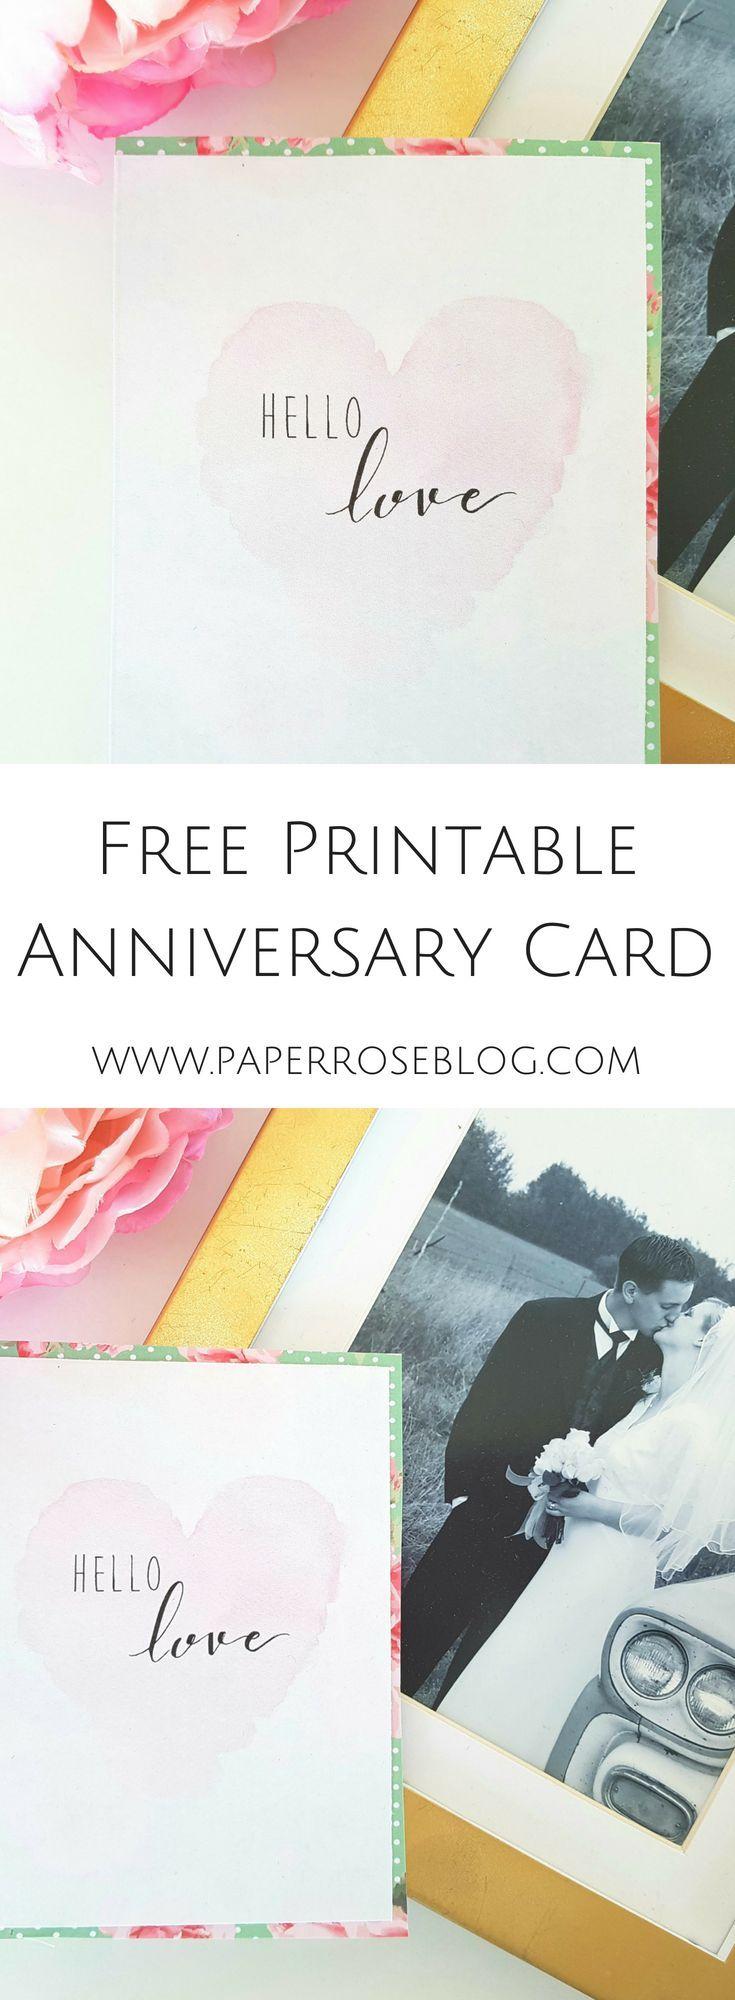 192 besten Adult printable goodies Bilder auf Pinterest   Alles gute ...